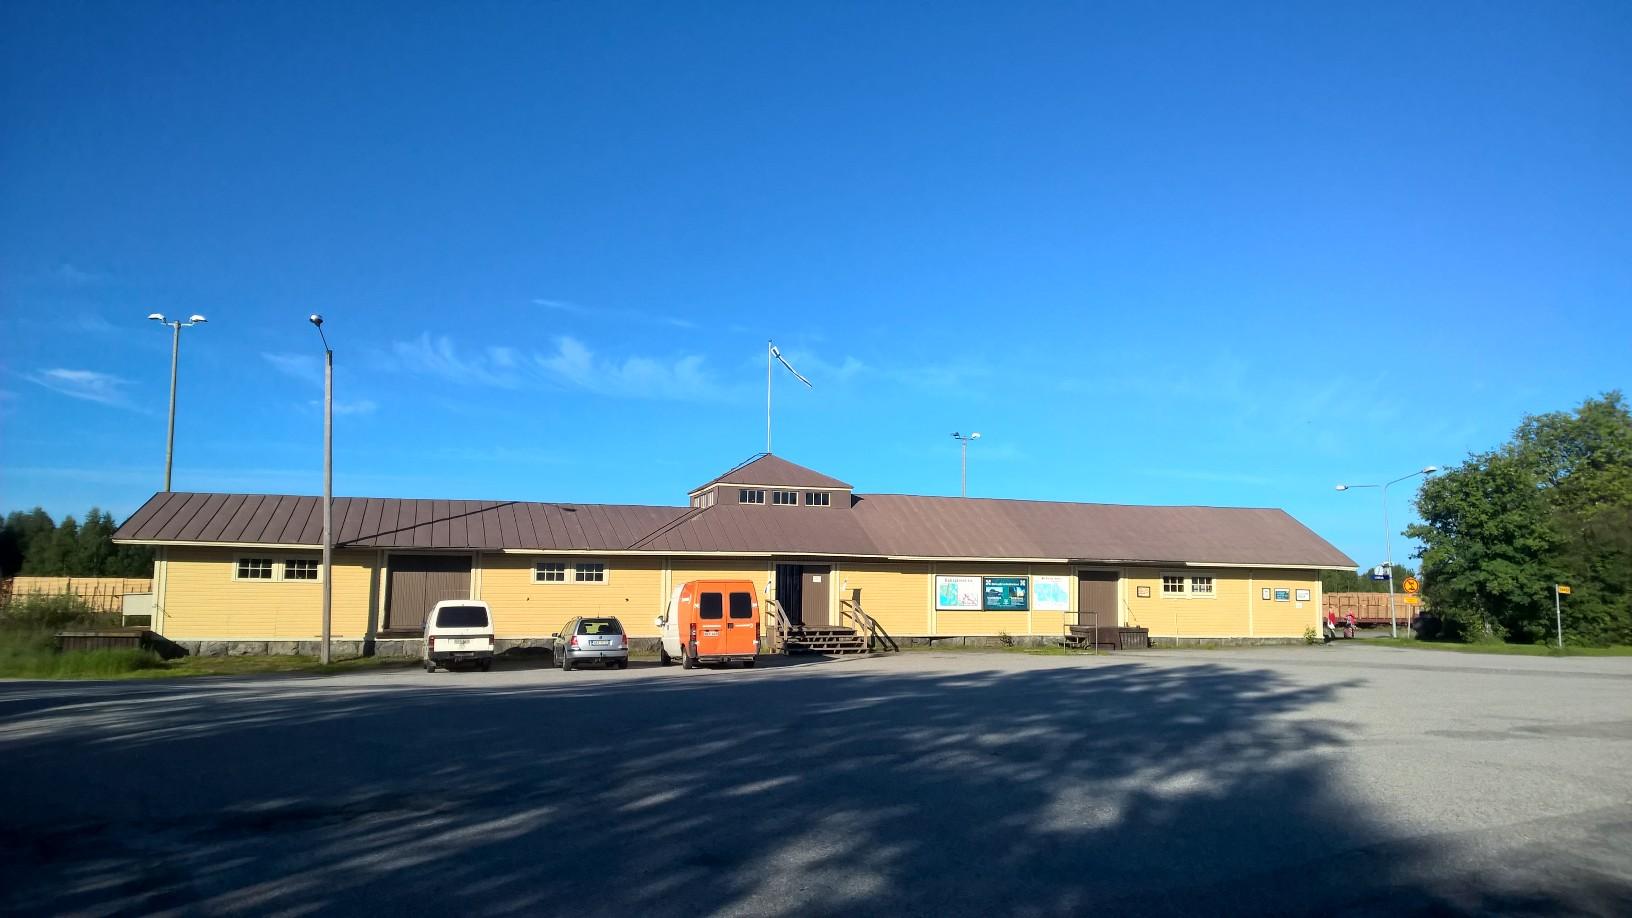 —Yhdistys hankki Lieksan aseman kiinteistön omistukseensa, 373 m2:n näyttelytilat ja 3700 m2:n piha-alue.